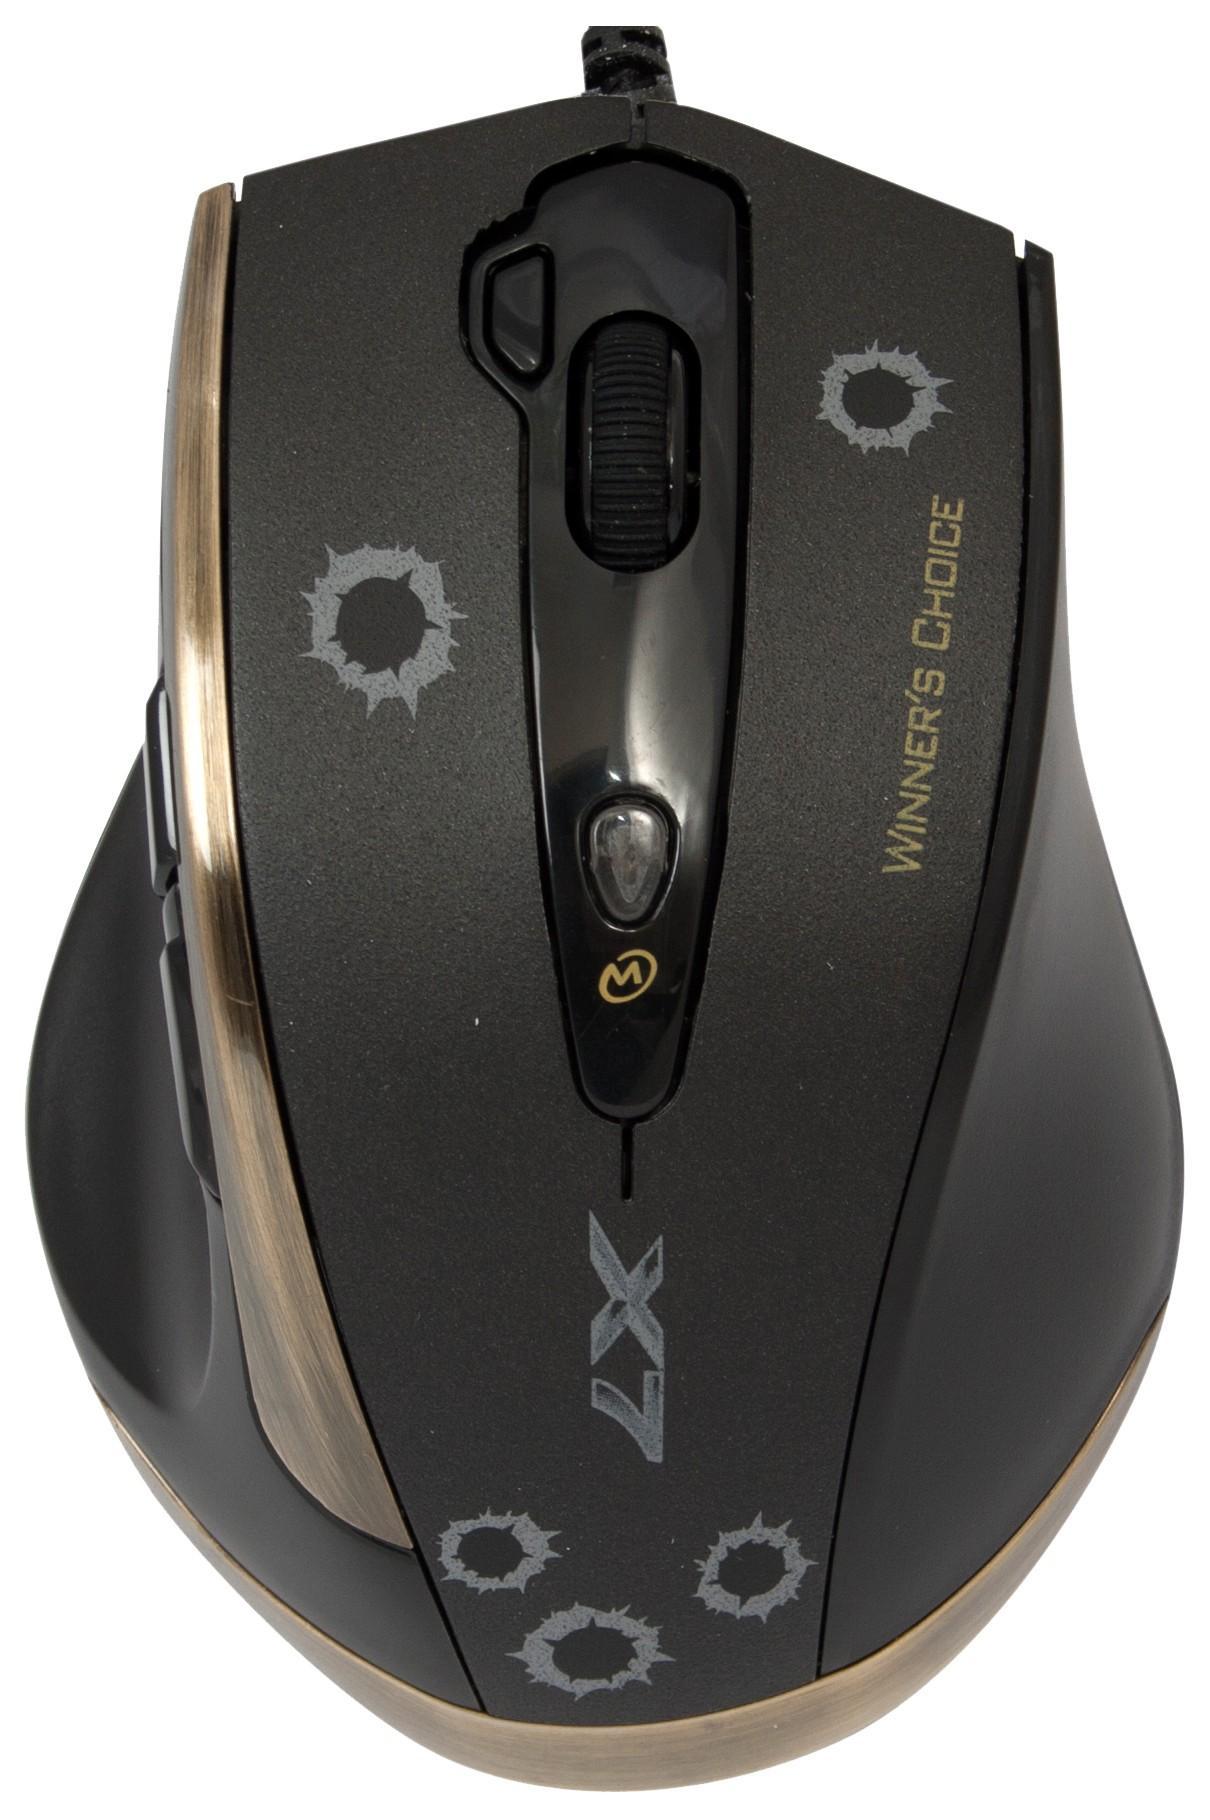 Геймърска мишка A4tech, V-track F3, Лазерна, Кабел, USB